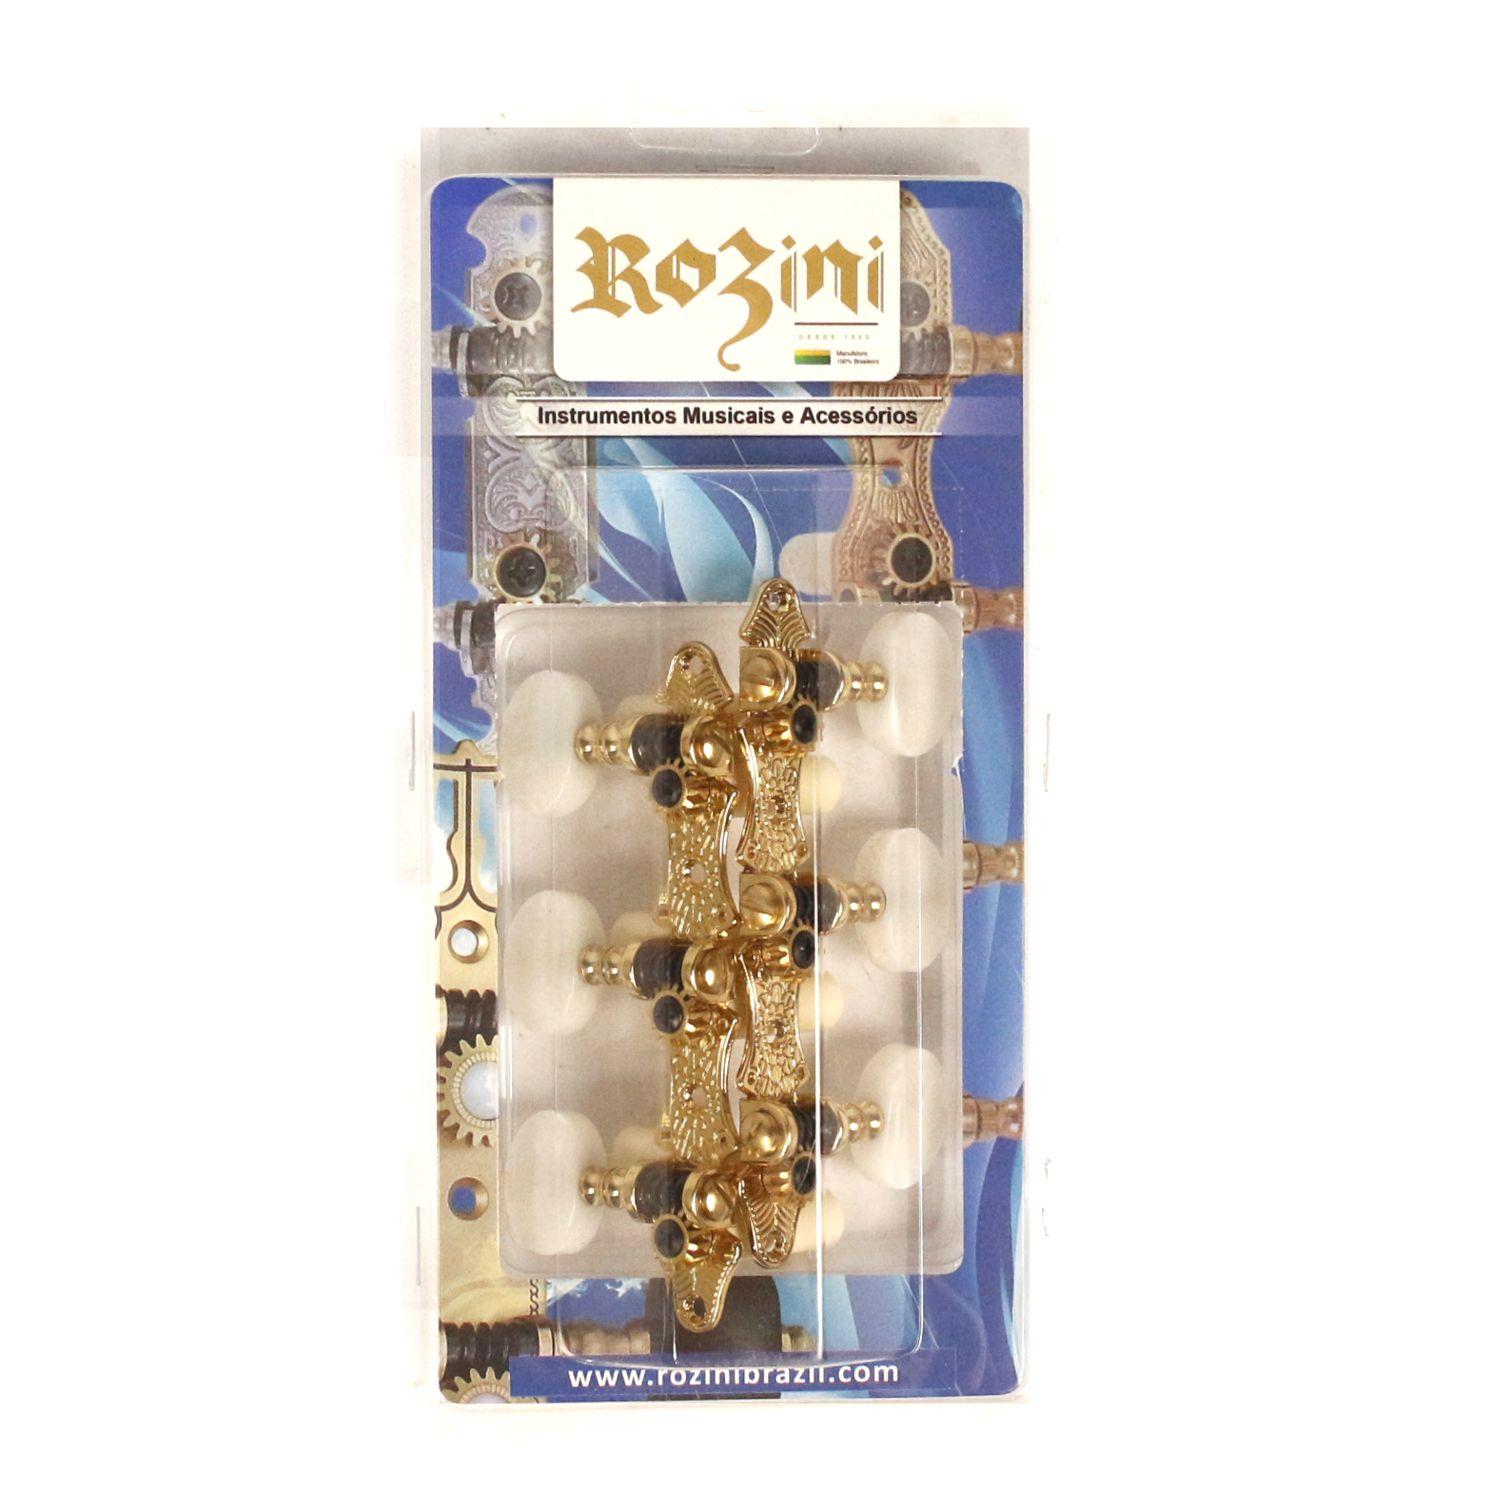 Jogo de Tarraxas Rozini para Violão NYLON 6 Cordas Dourada Botão Claro - RA305GKPG-P2W